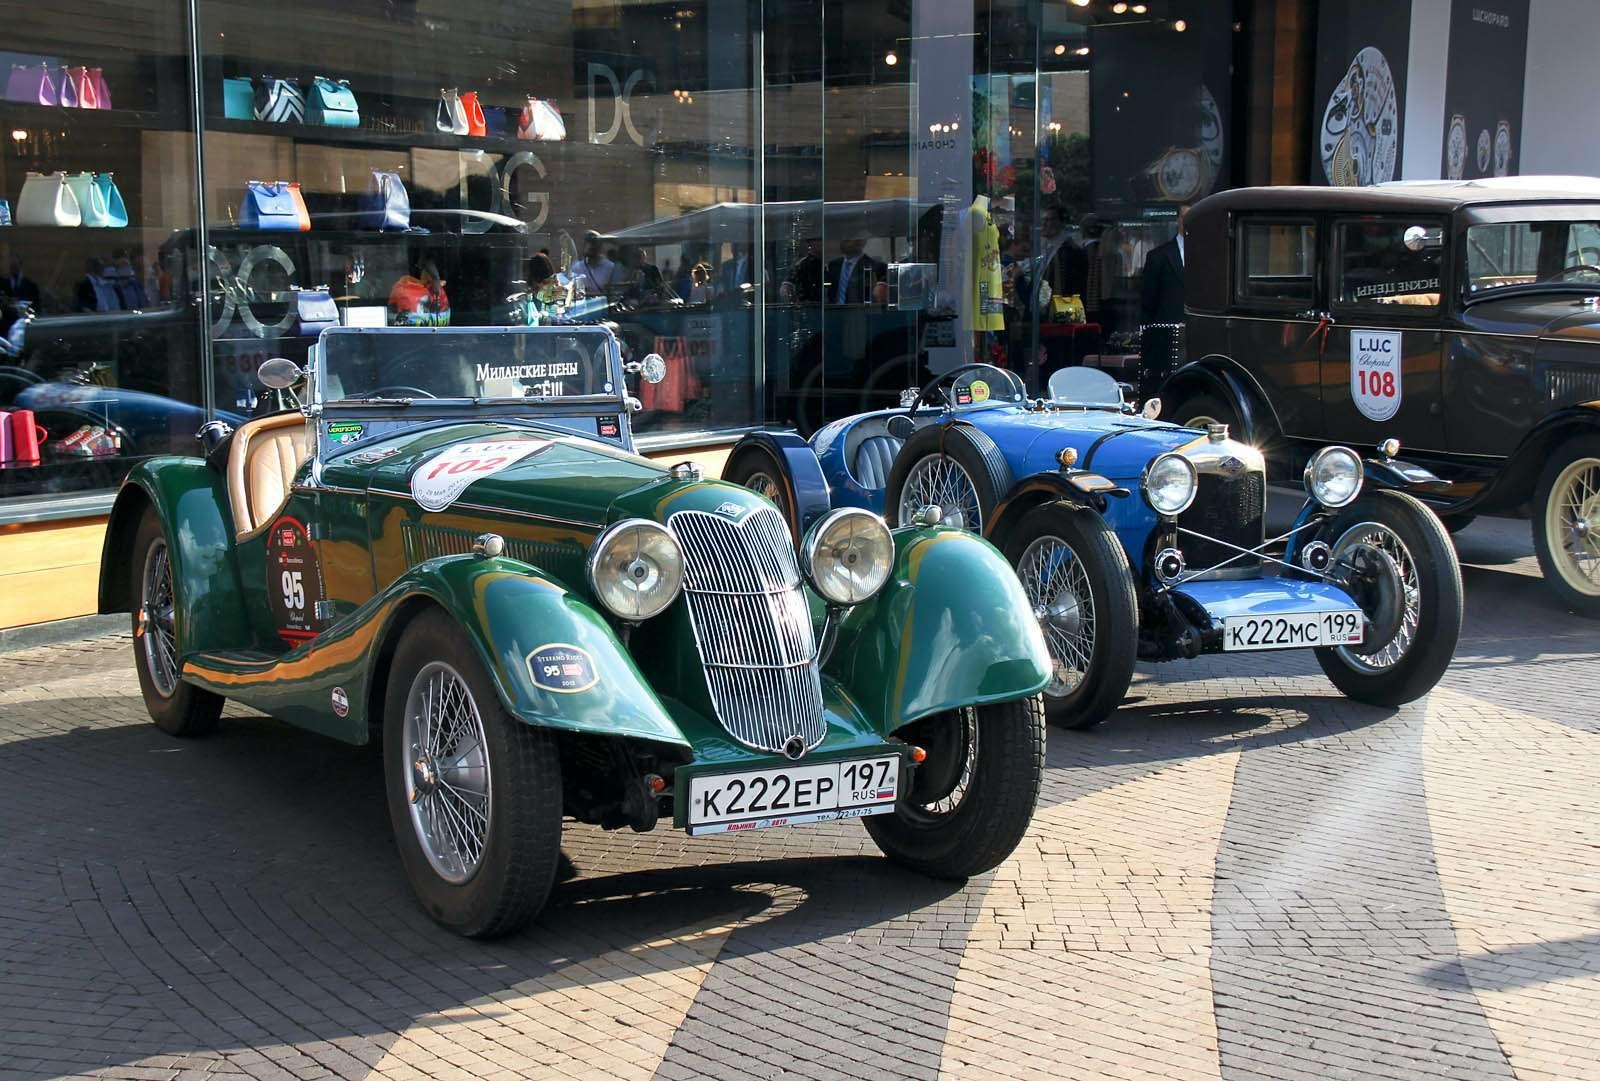 L.U.C Chopard Classic Weekend Rally: эмоции сналетом старины— фото 595960